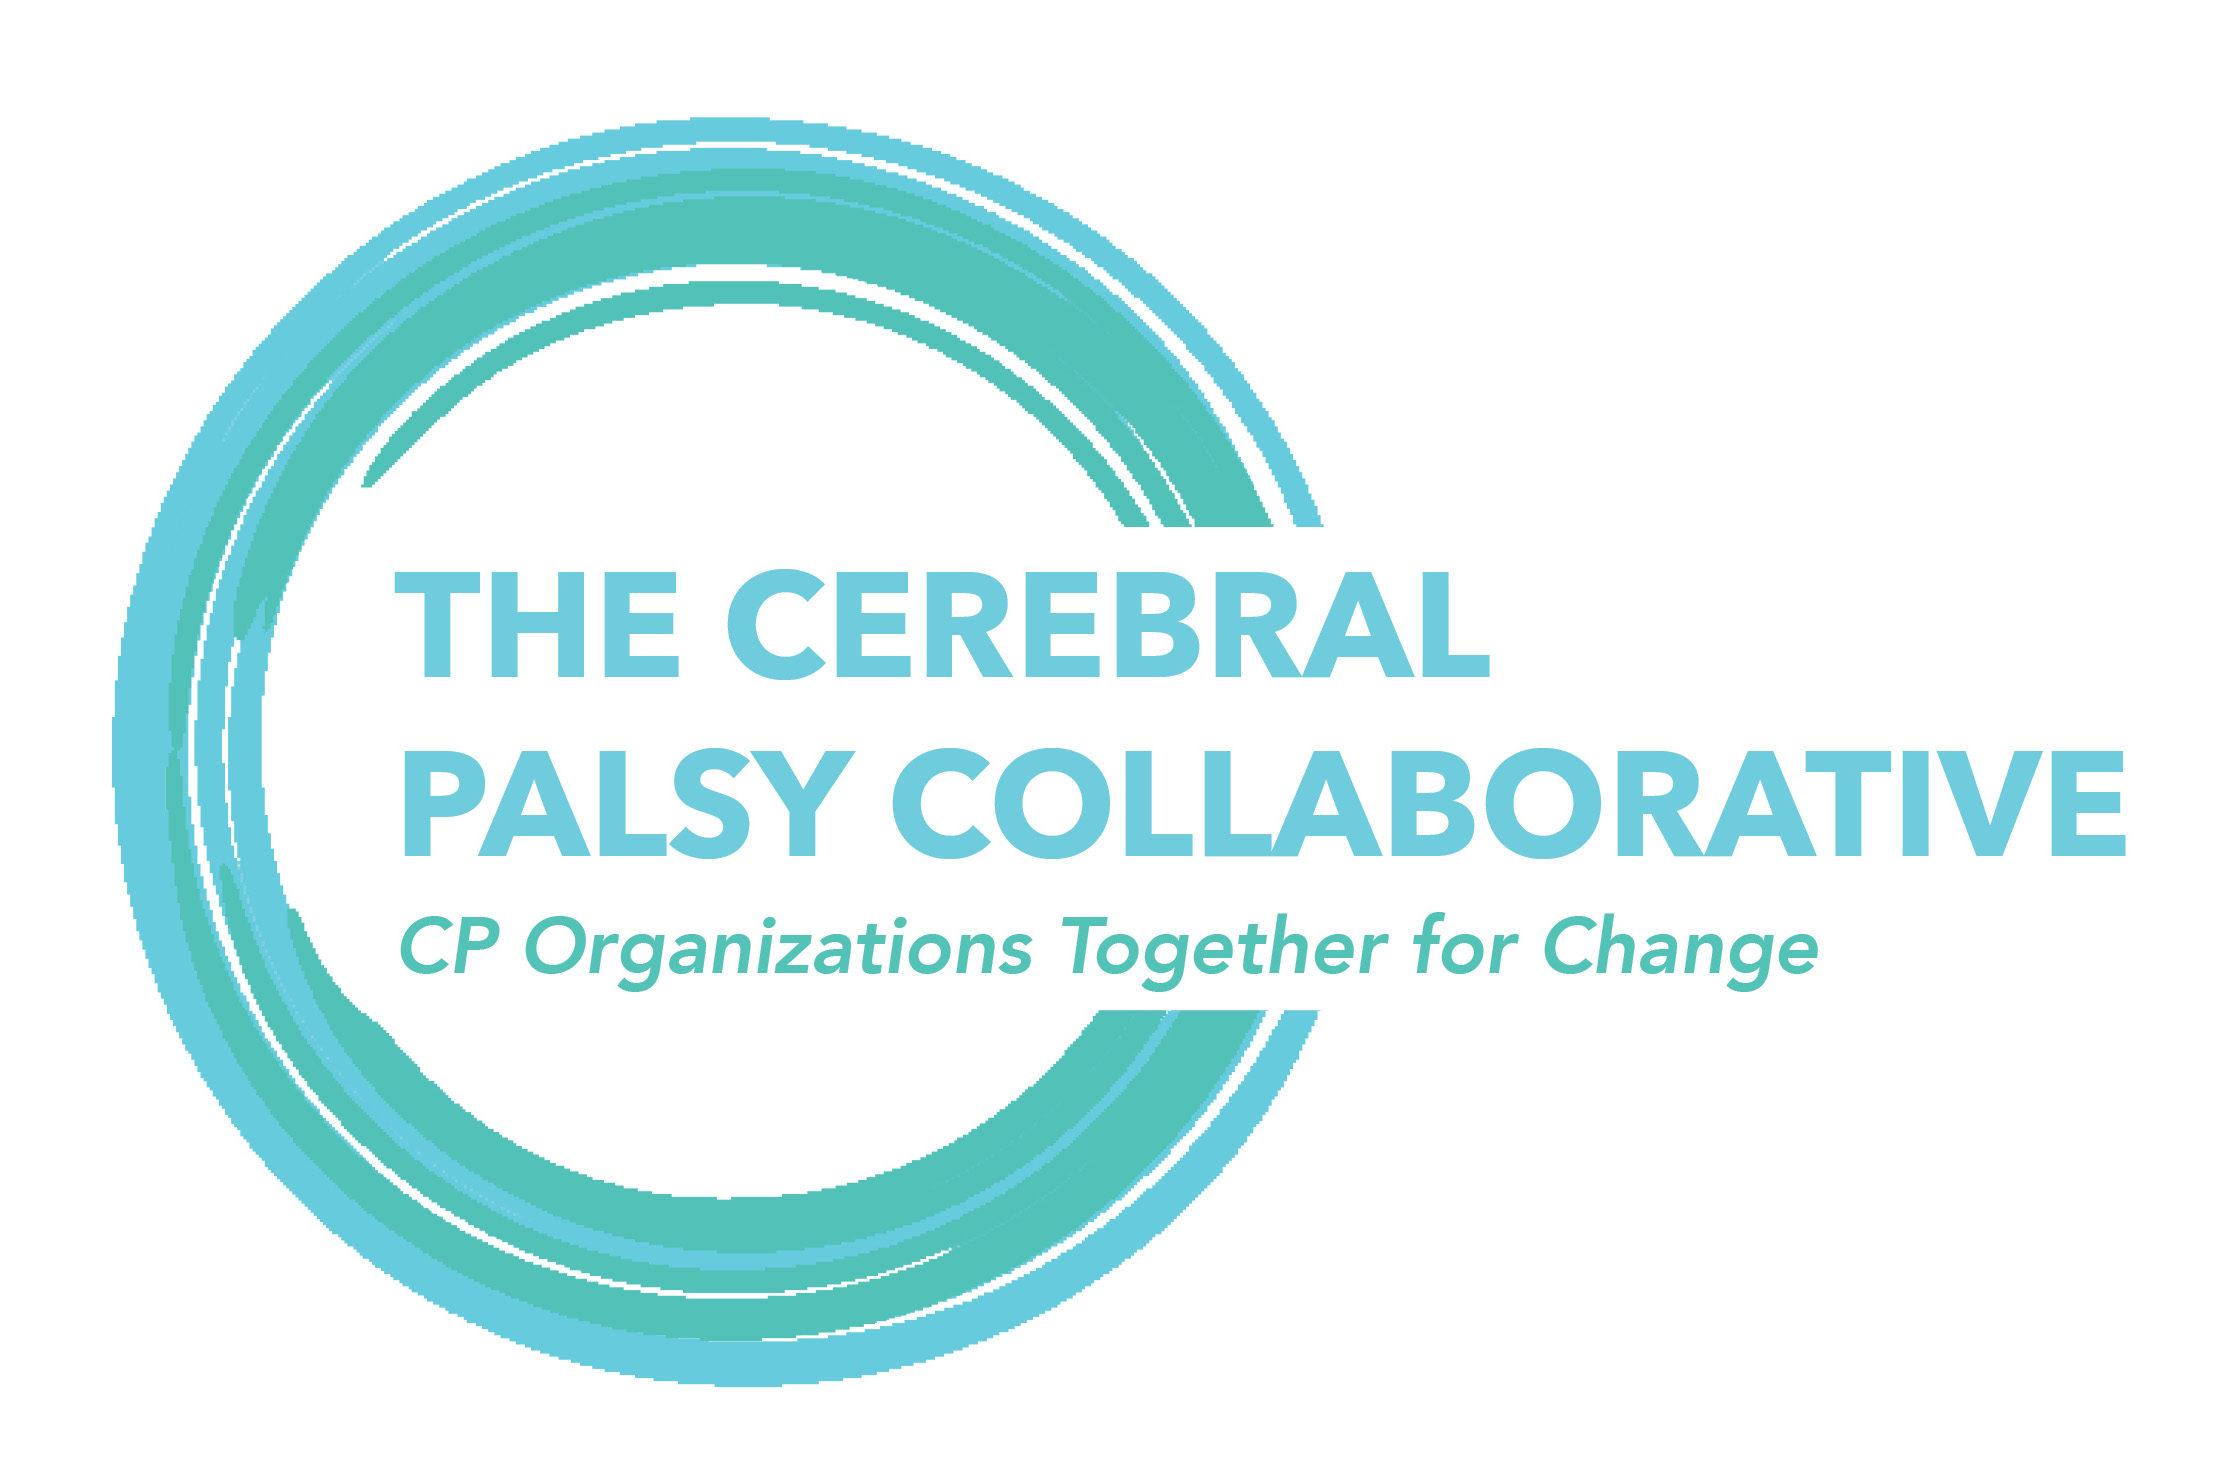 The Cerebral Palsy Collaborative